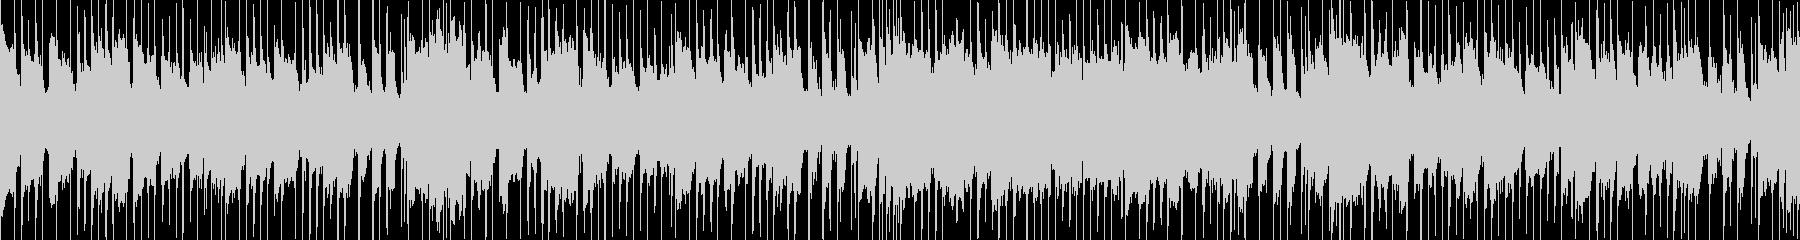 明るいコンテンツ向けポップ ループBGMの未再生の波形